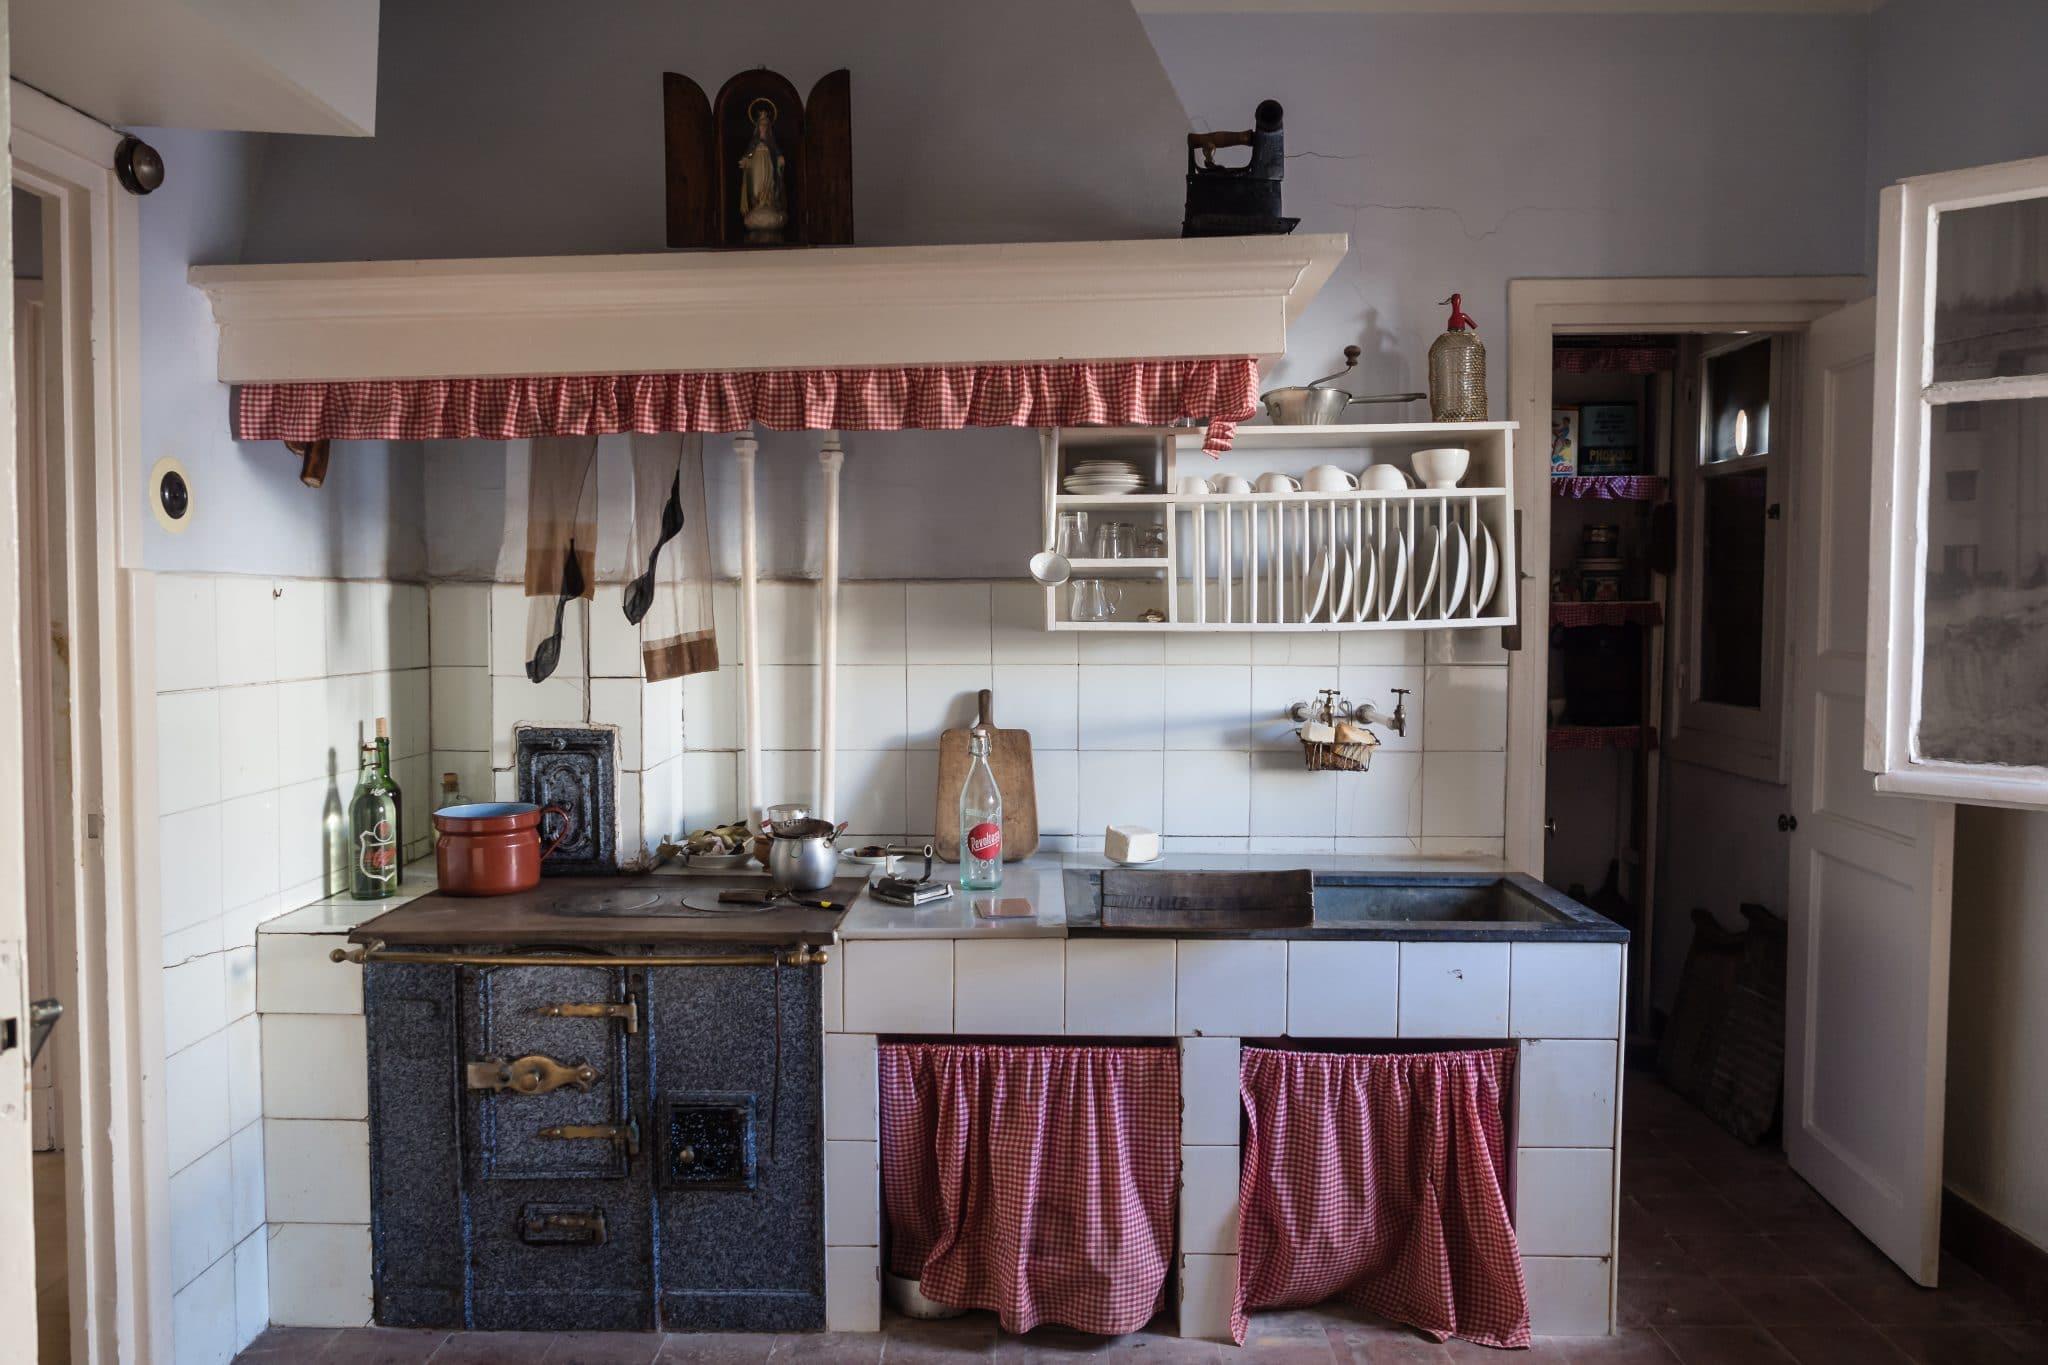 Comment rénover une cuisine ancienne ?